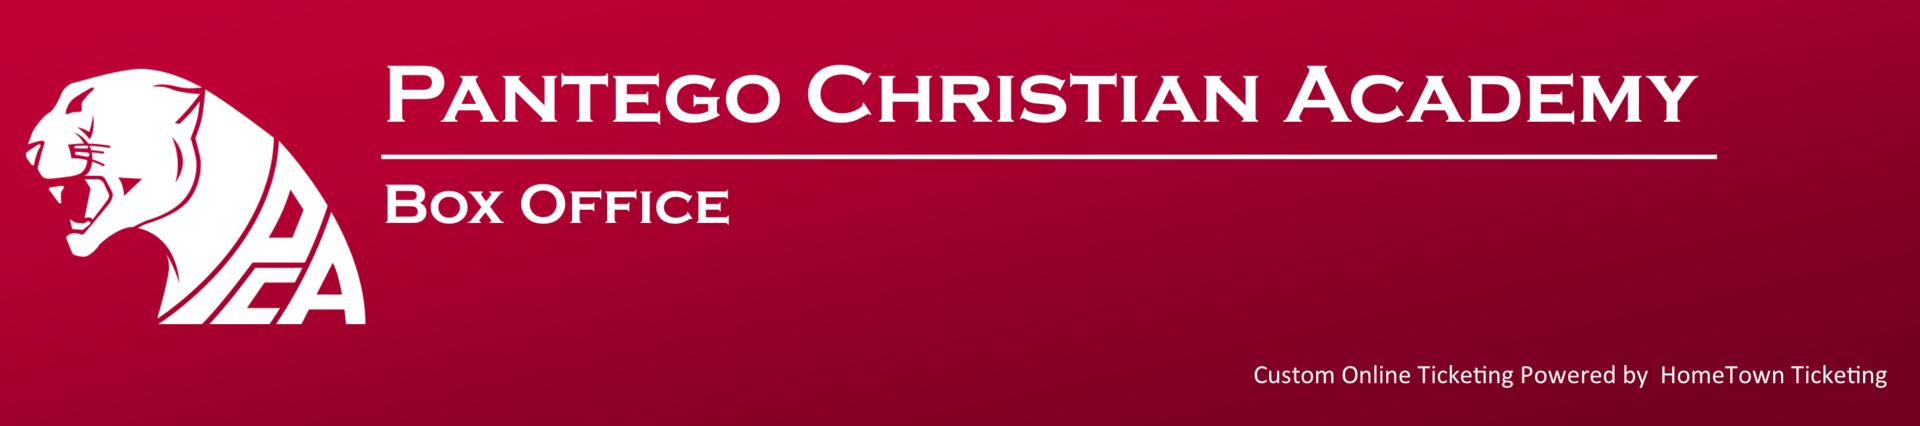 Pantego Christian Academy Box Office